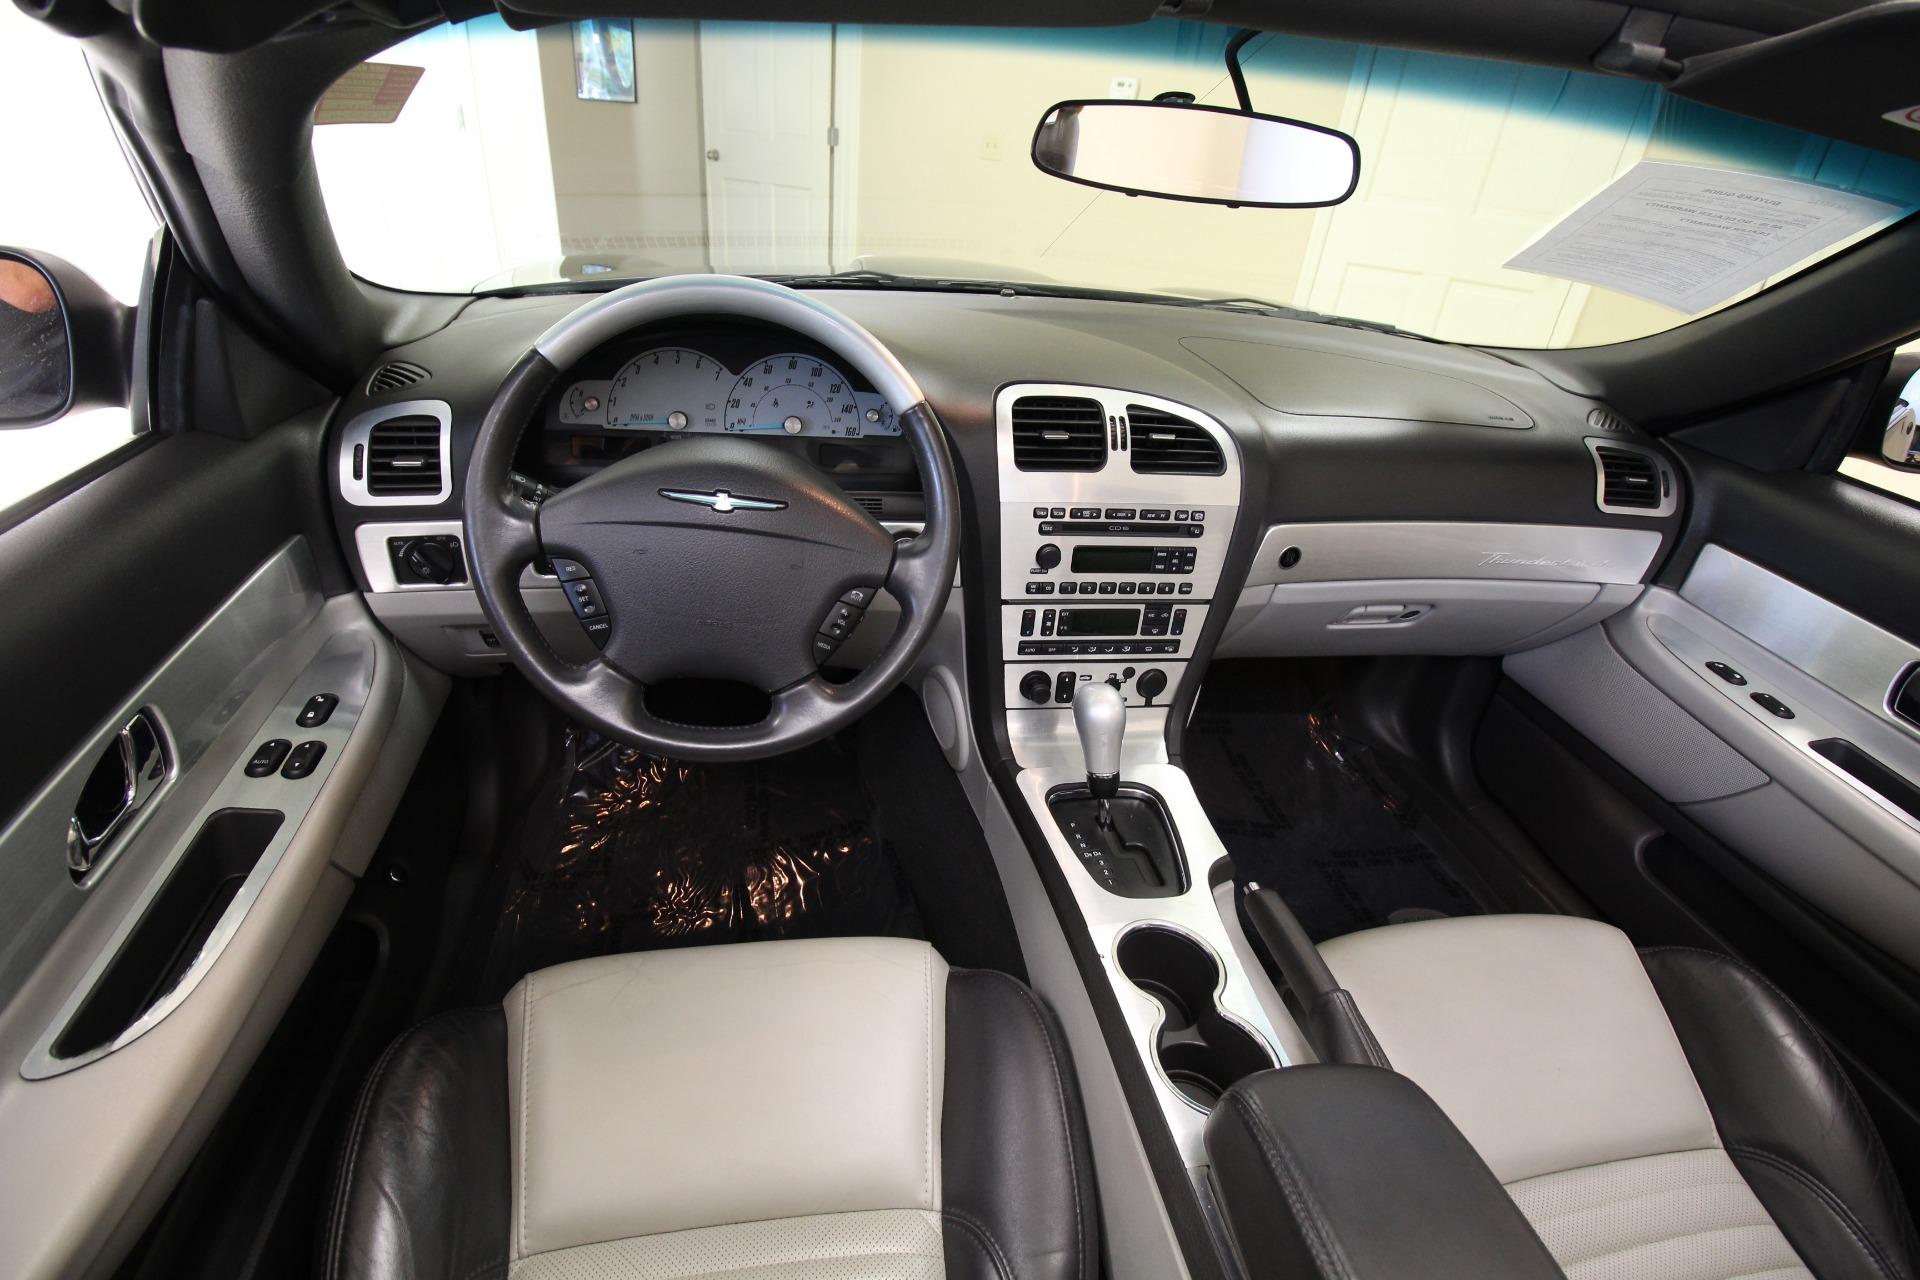 Used 2002 Ford Thunderbird Neiman Marcus | Albany, NY